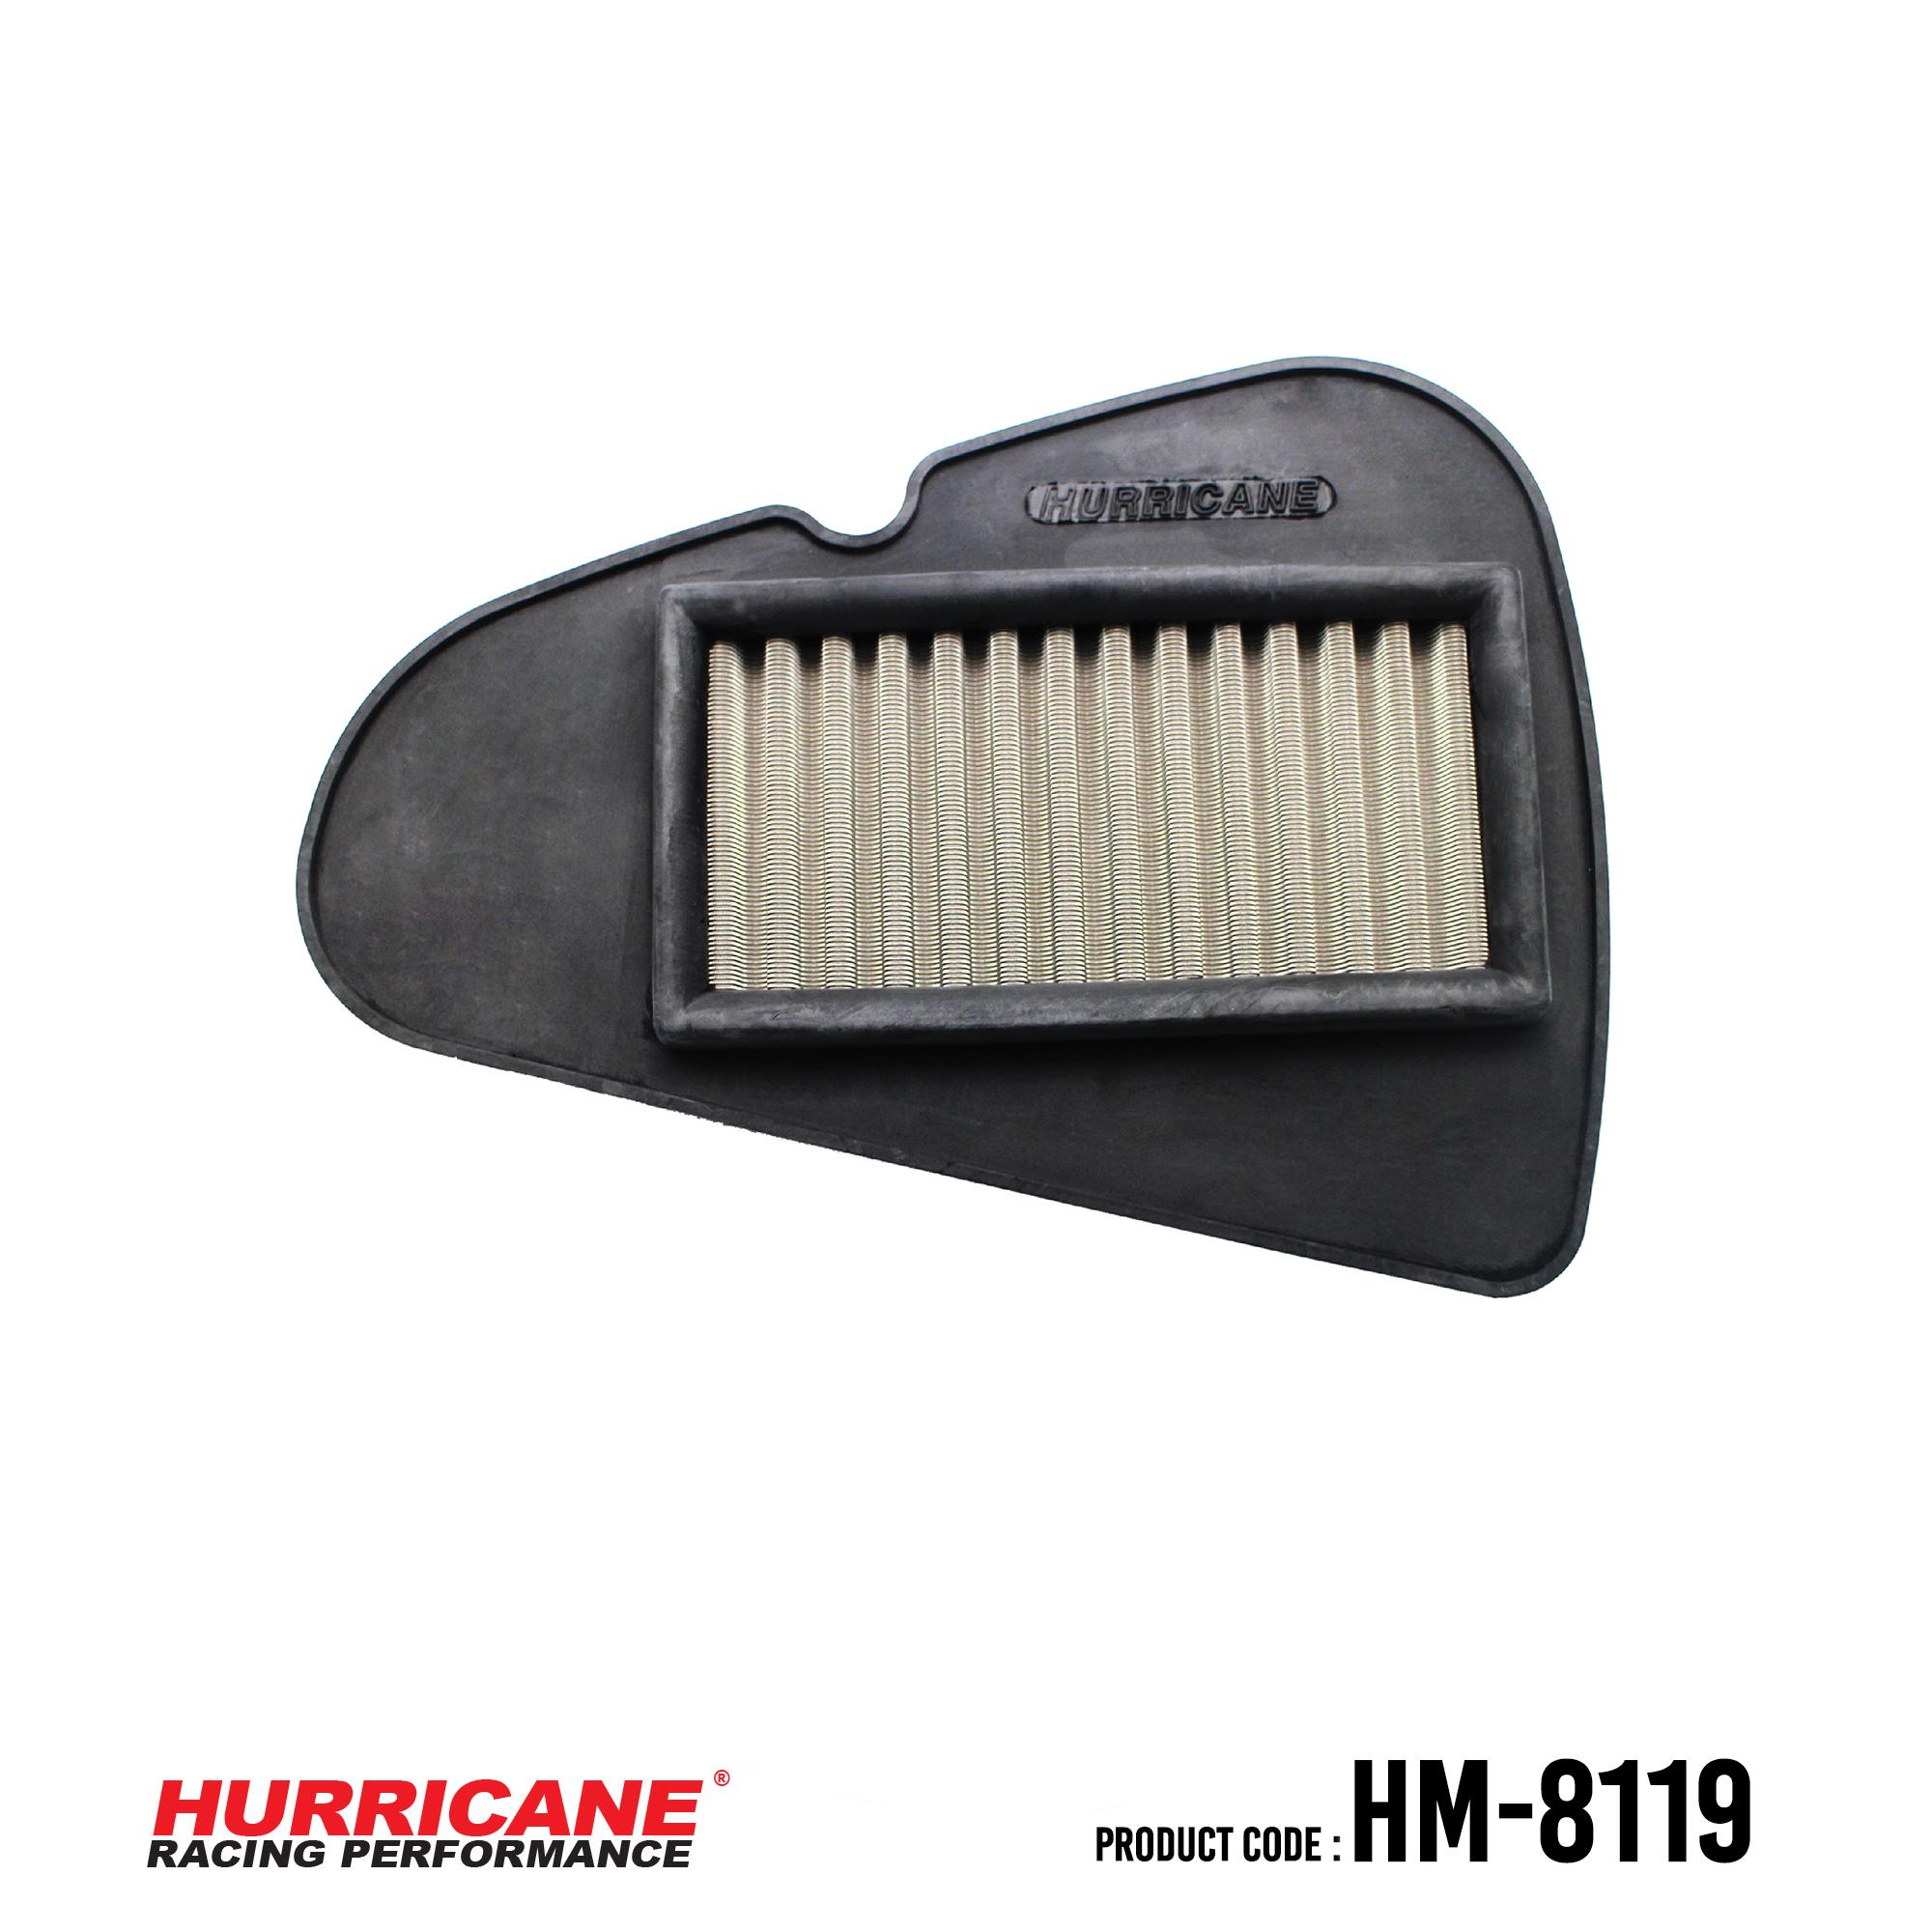 HURRICANE STAINLESS STEEL AIR FILTER FOR HM-8119 Honda